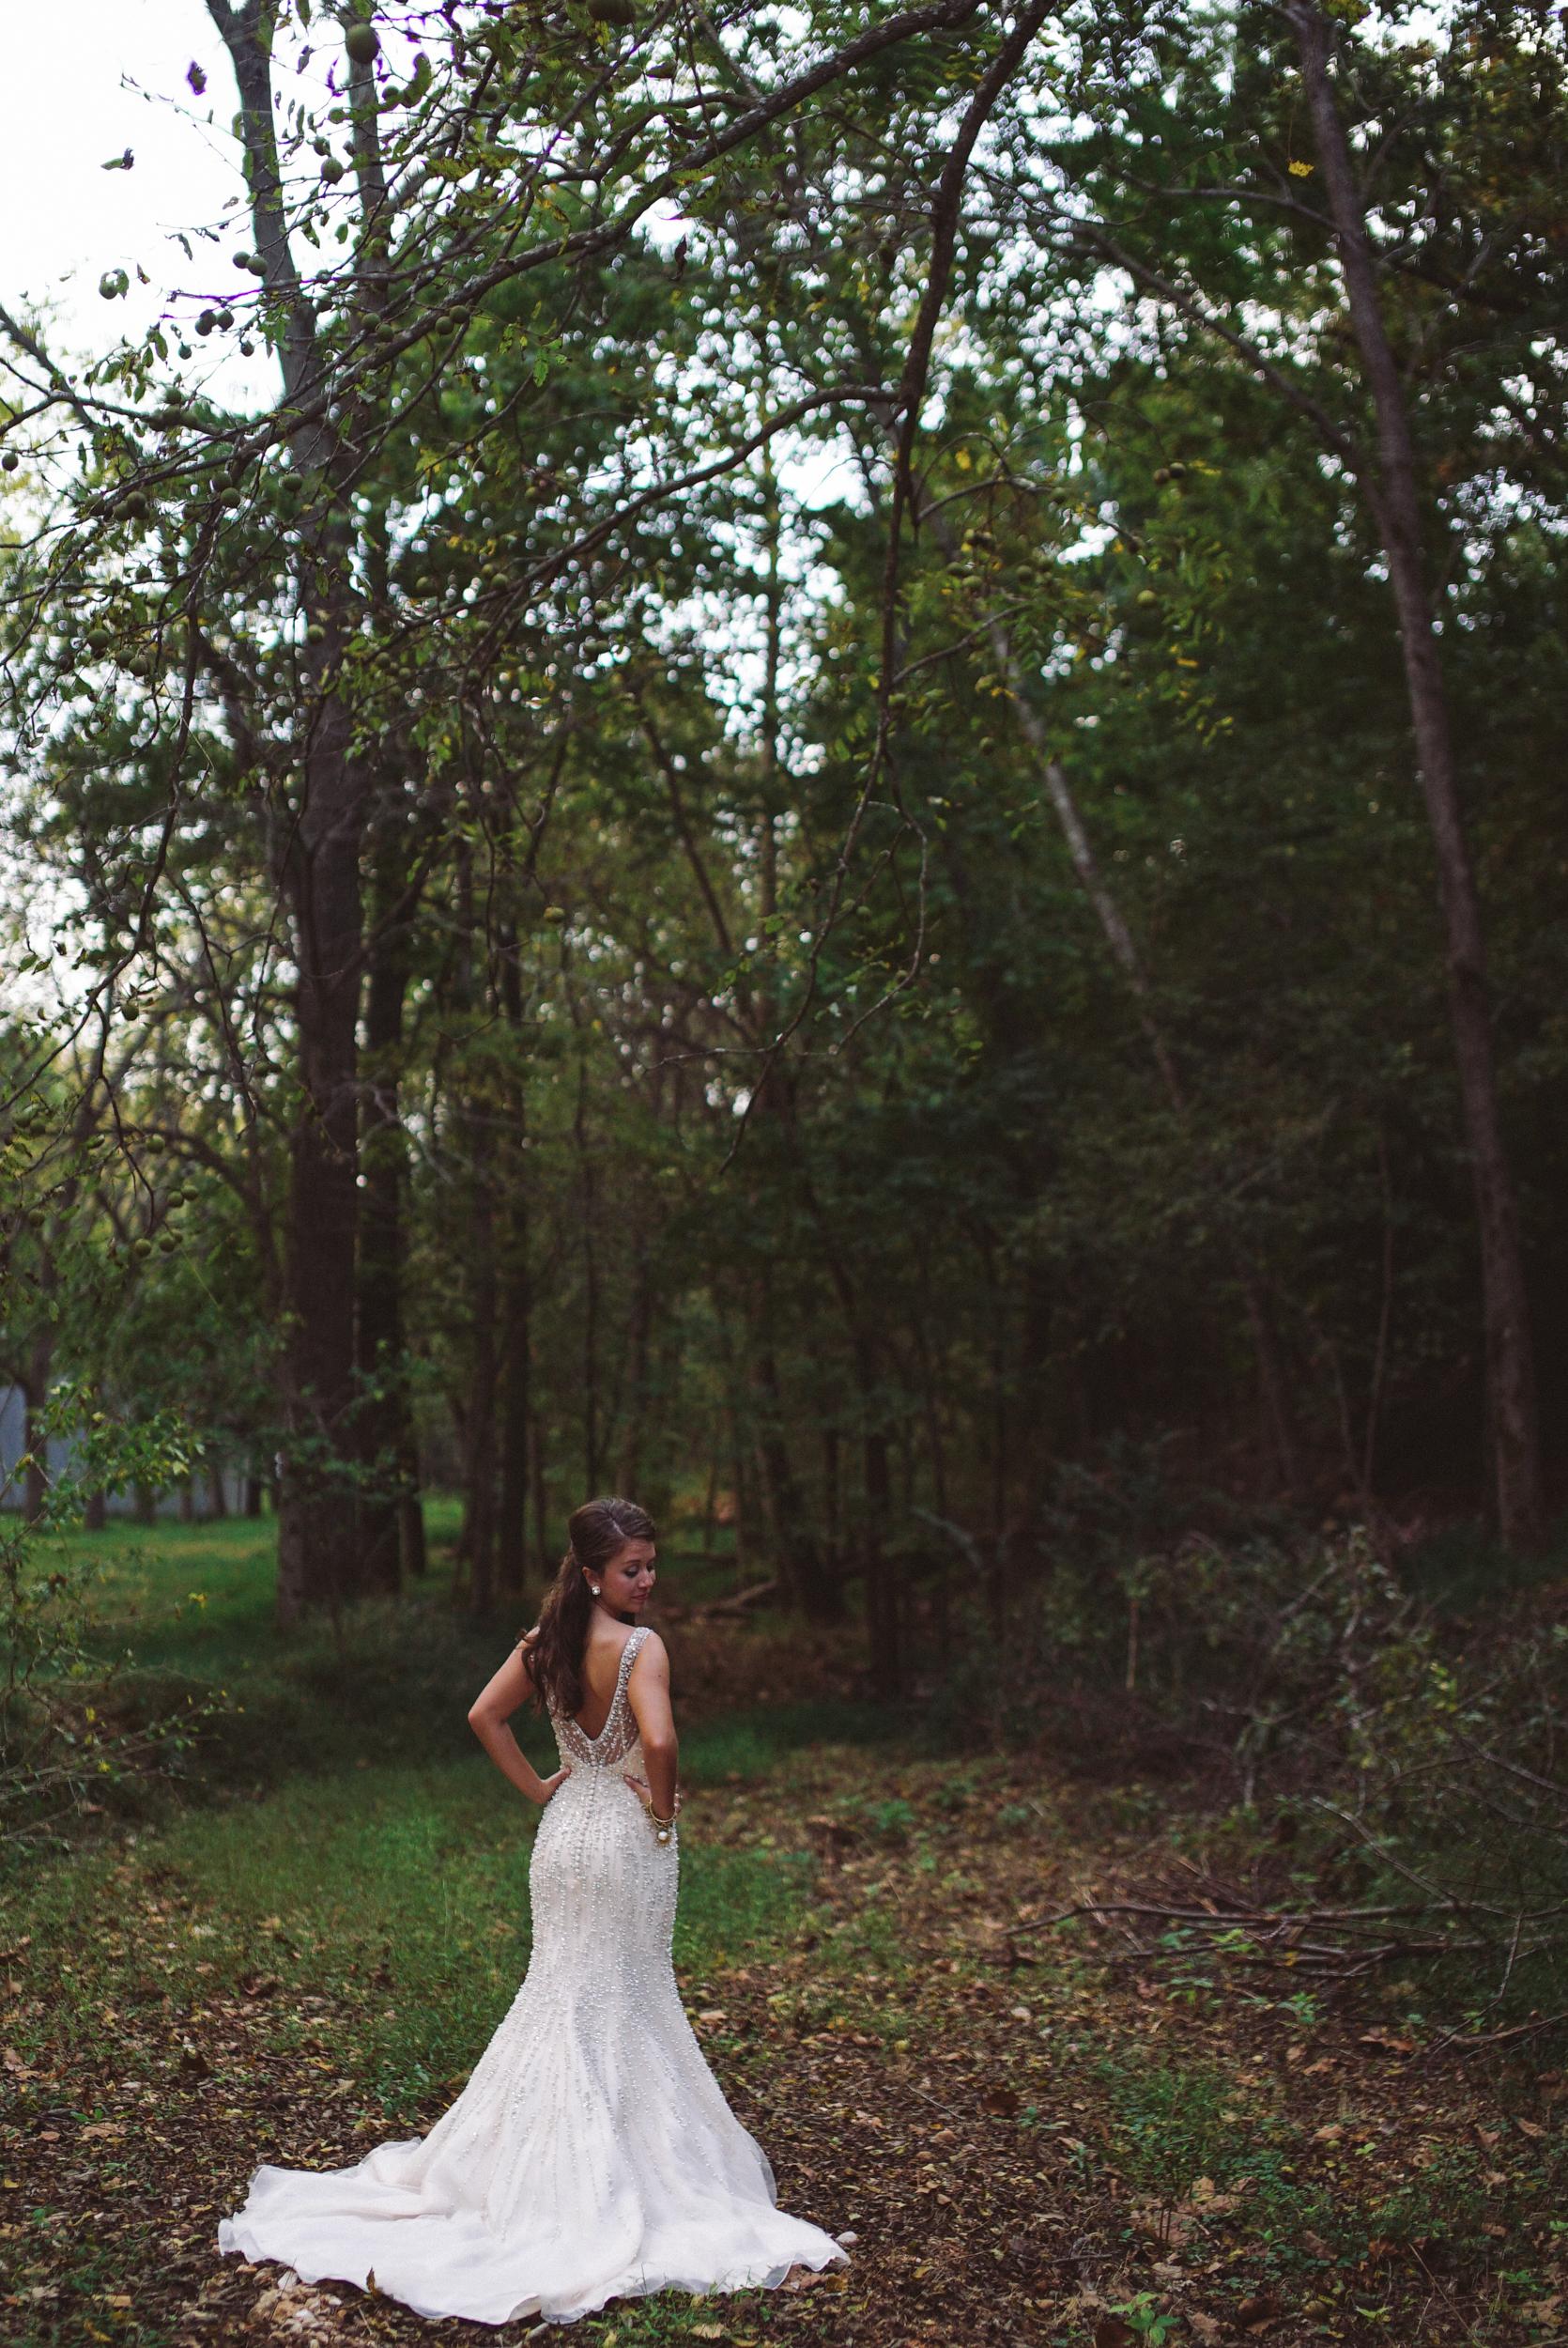 bridals©2015mileswittboyer-48.jpg